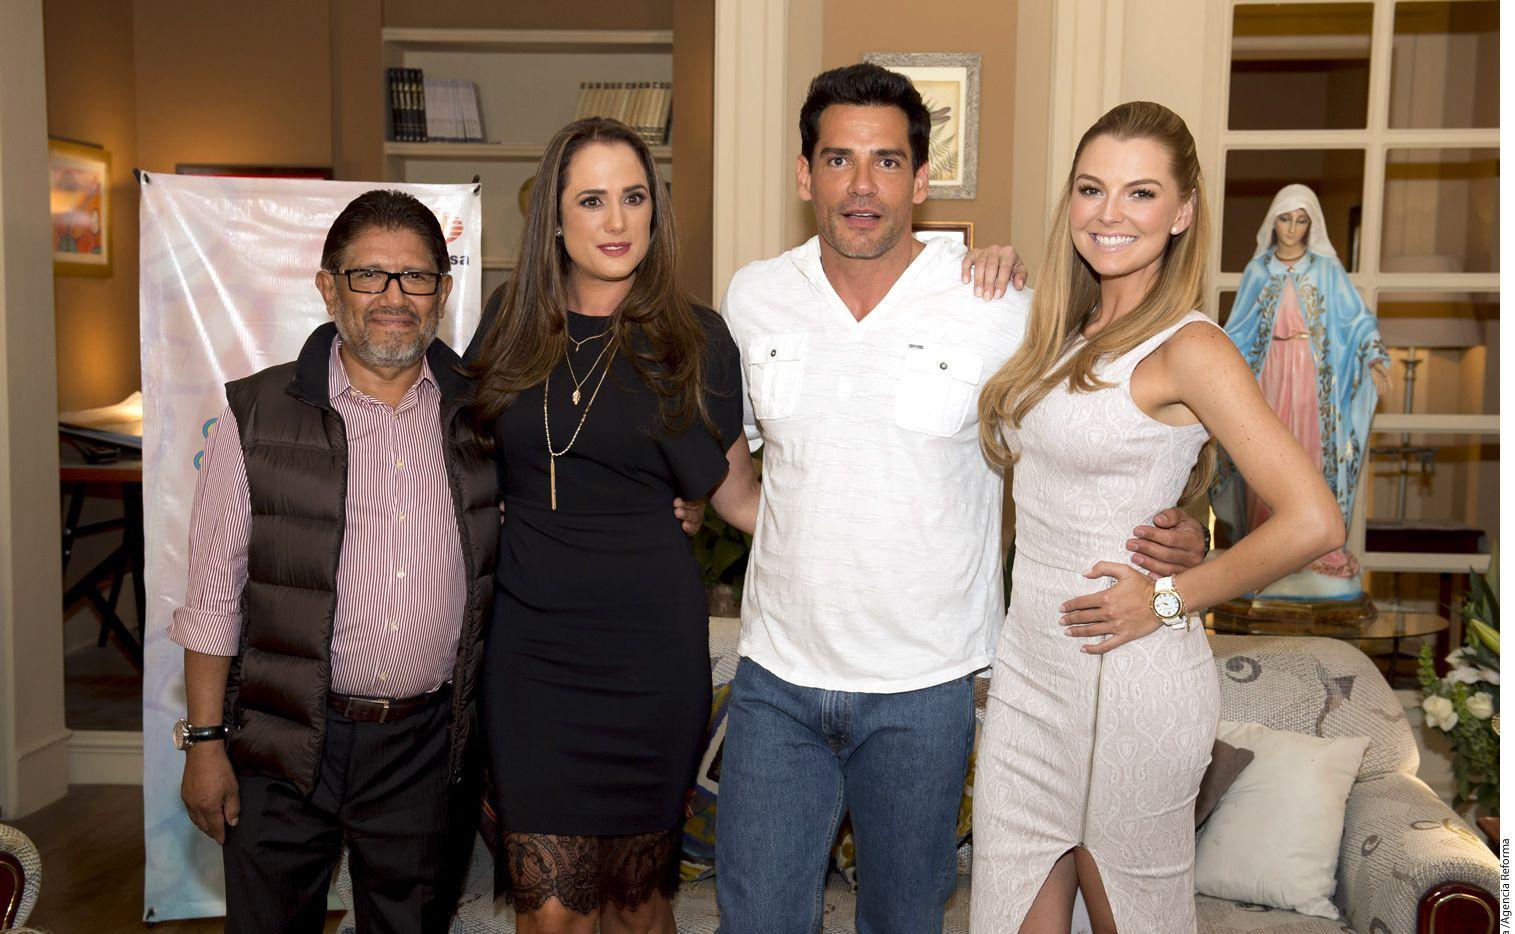 El productor Juan Osorio (izq.) y los actores Betty Monroe (centro izq) y Cristián de la Fuente (centro der.) le dieron la bienvenida a Marjorie de Sousa (der.) a Sueño de Amor./AGENCIA REFORMA